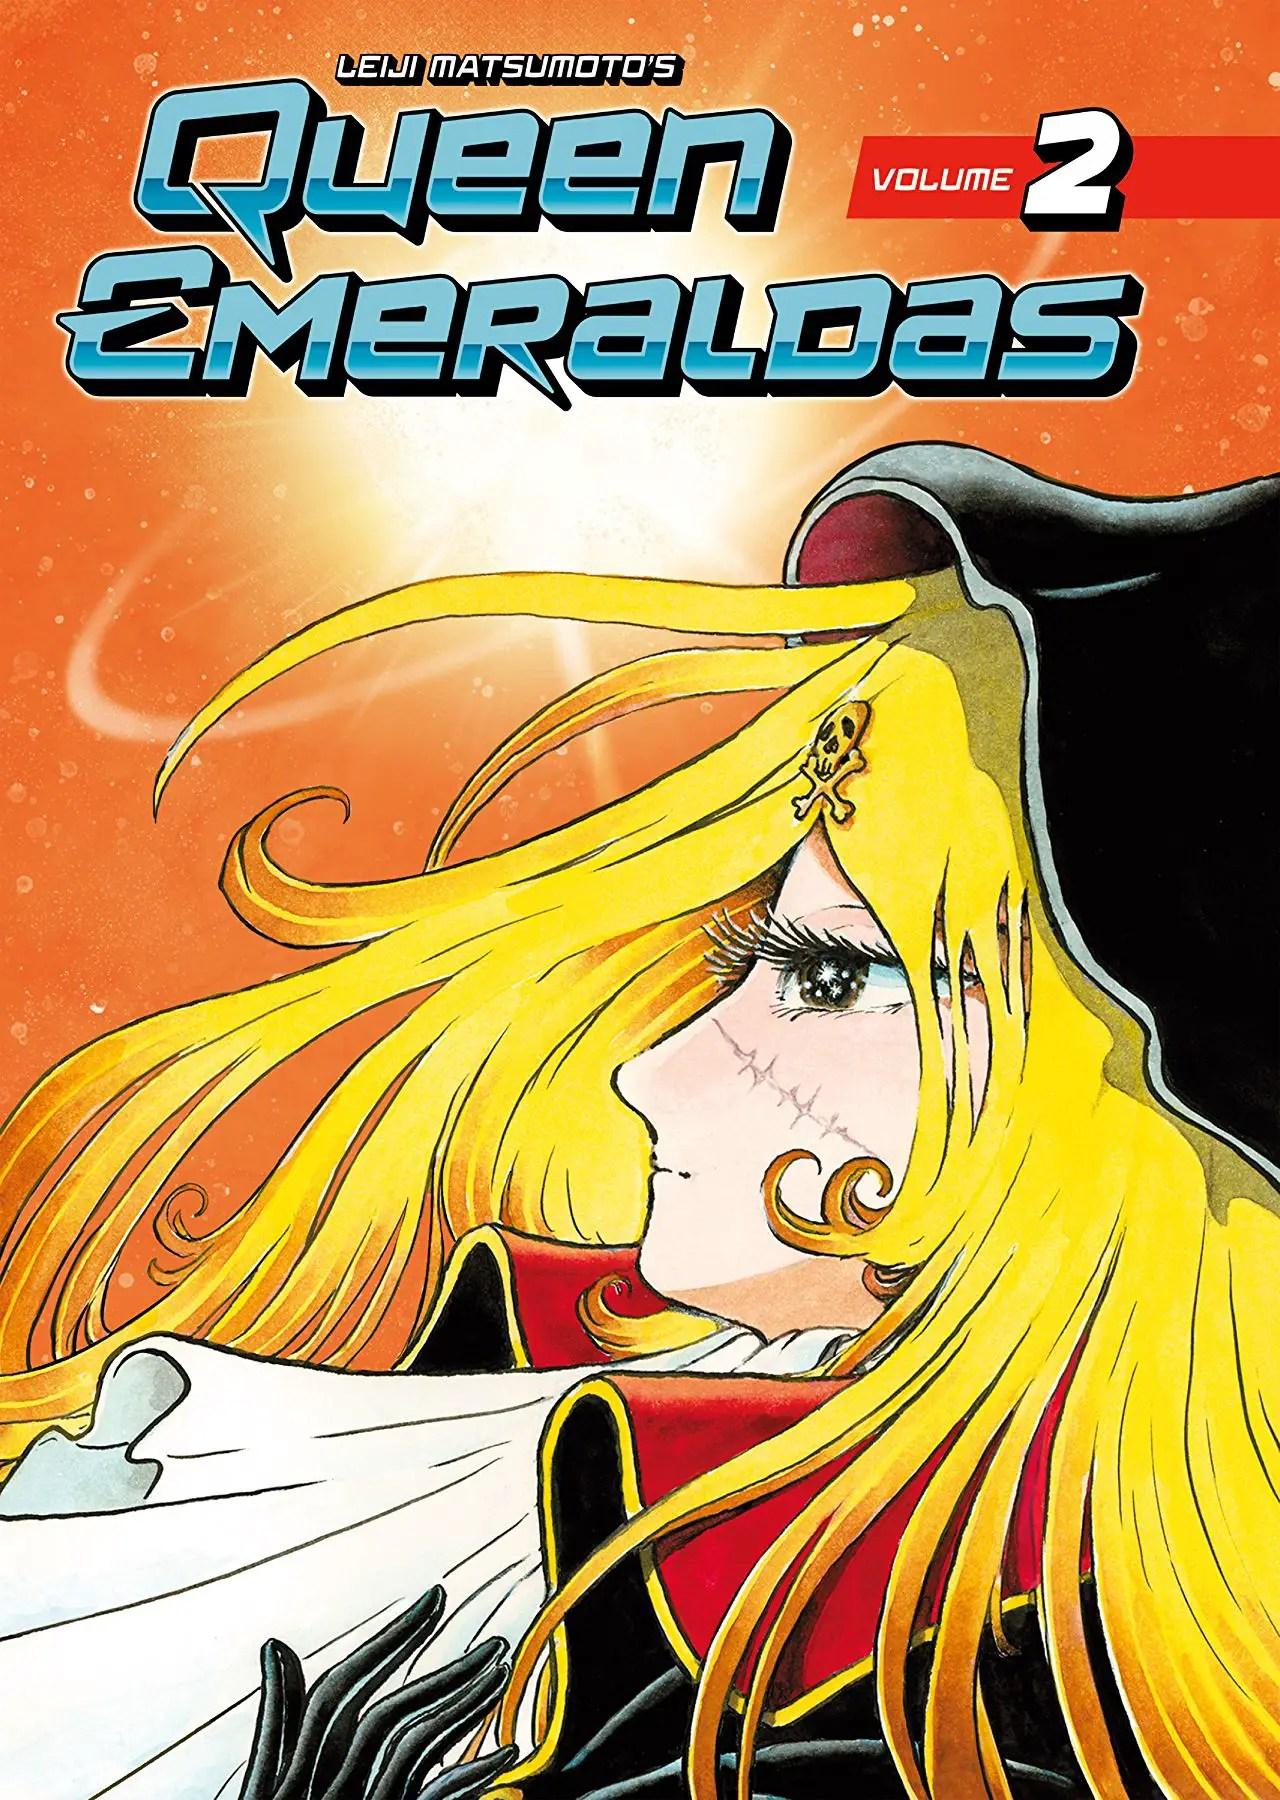 Queen Emeraldas Vol. 2 Review